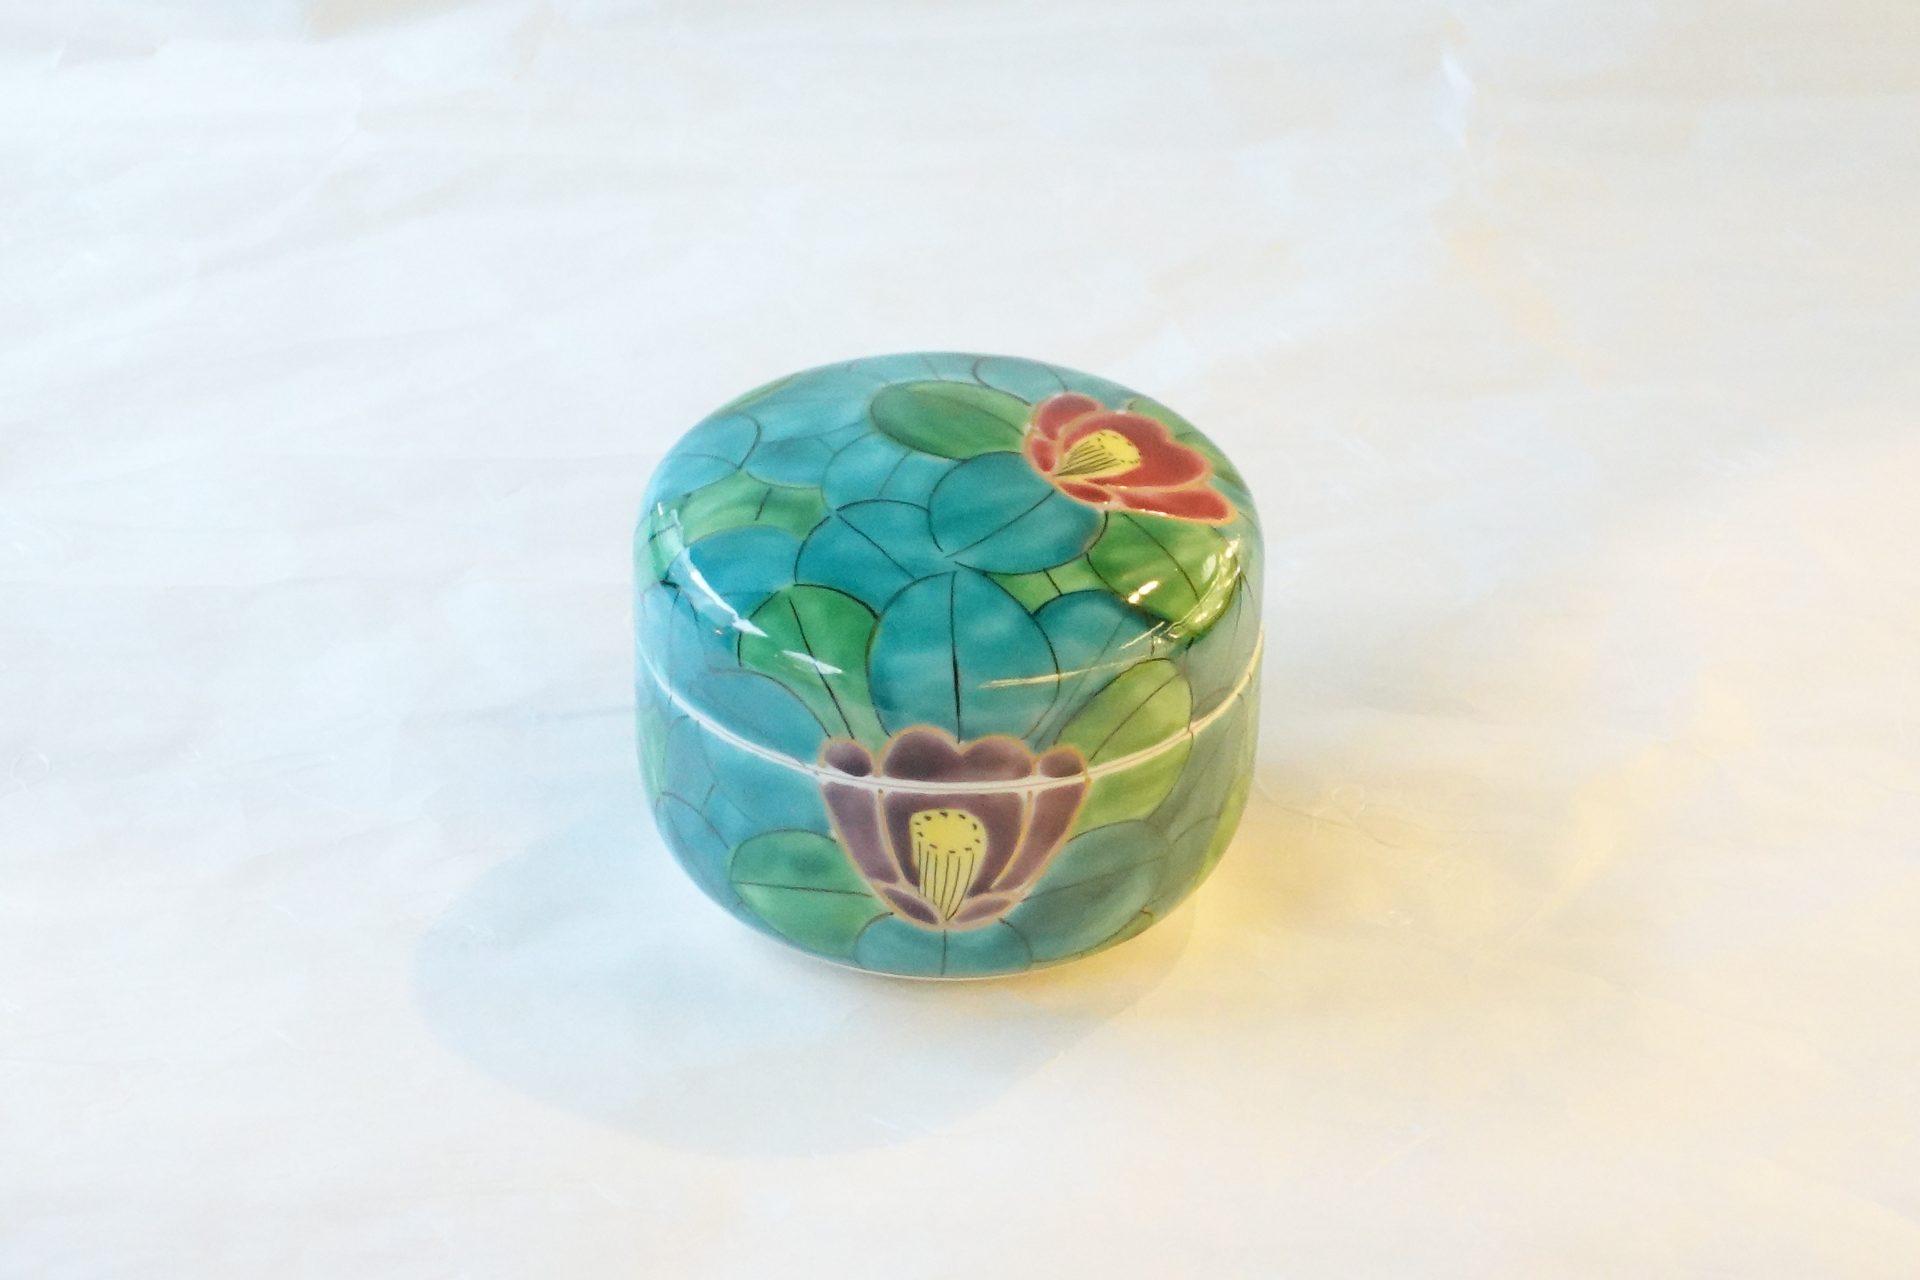 陶磁器 清水焼 手描き 蓋物 椿 びっしり 手間 赤 紫 青 椿の葉 豪華 料理 お菓子 小林漆陶 岐阜市